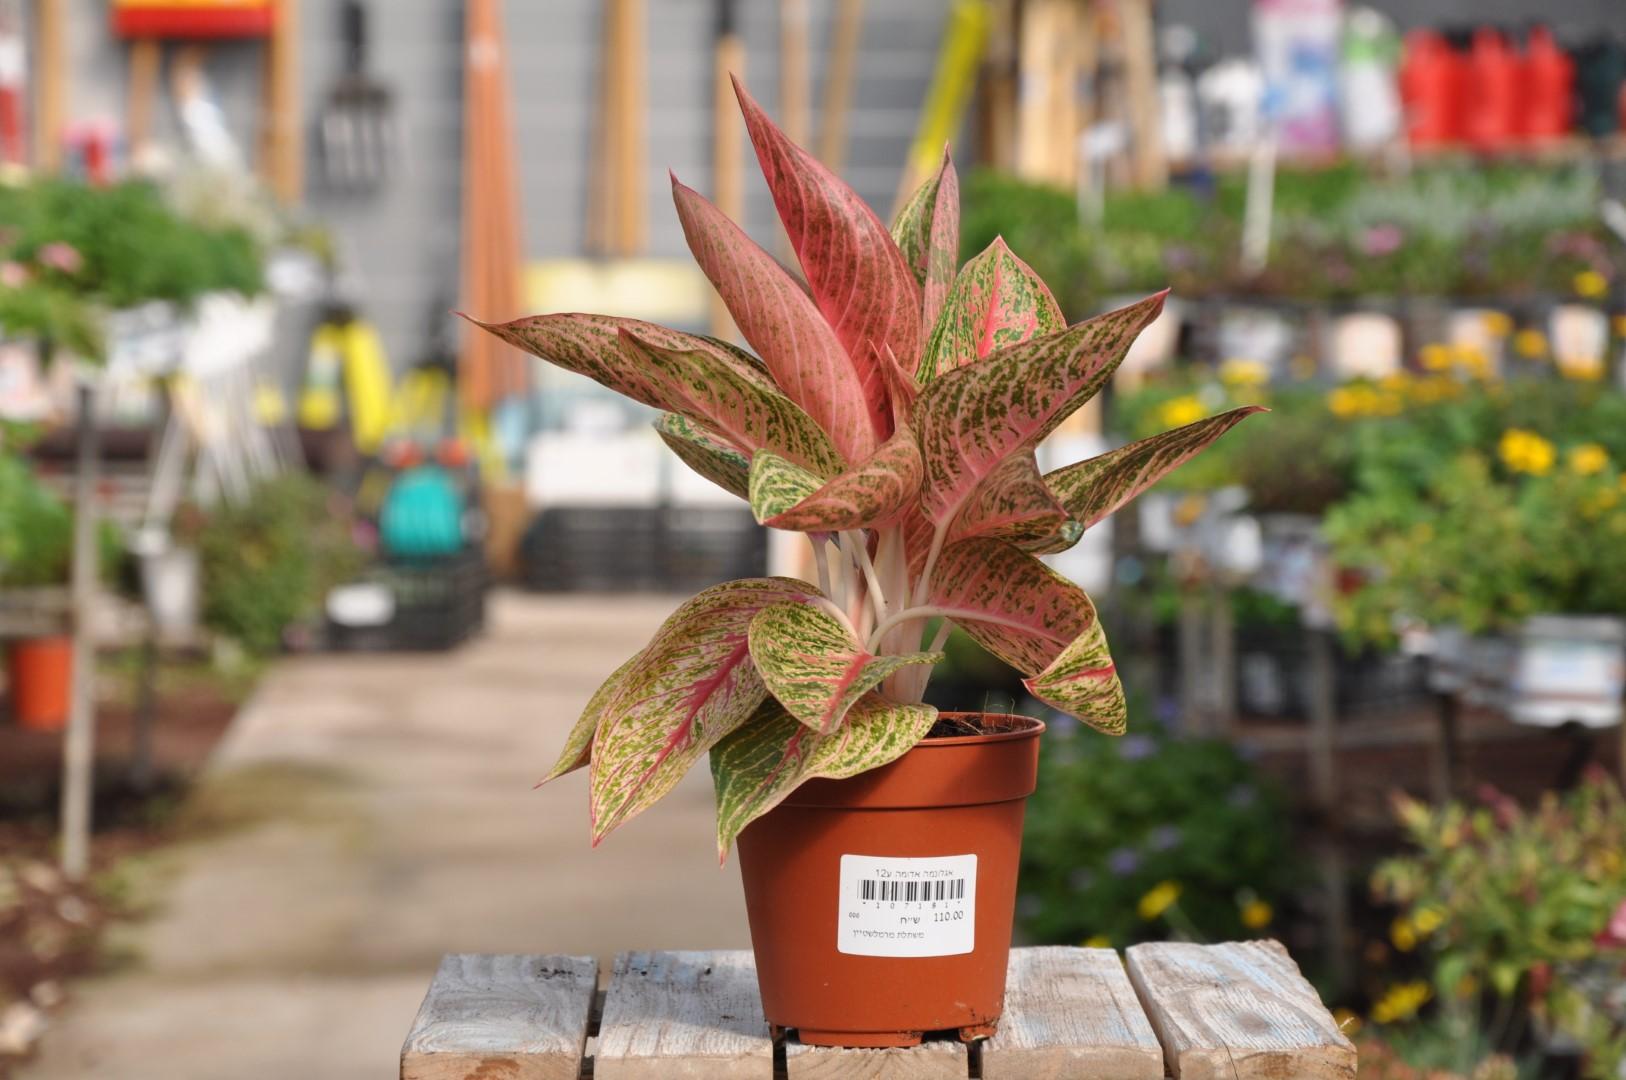 אגלונמה אדומה. צמח לבית. אדום.משתלת מרמלשטיין